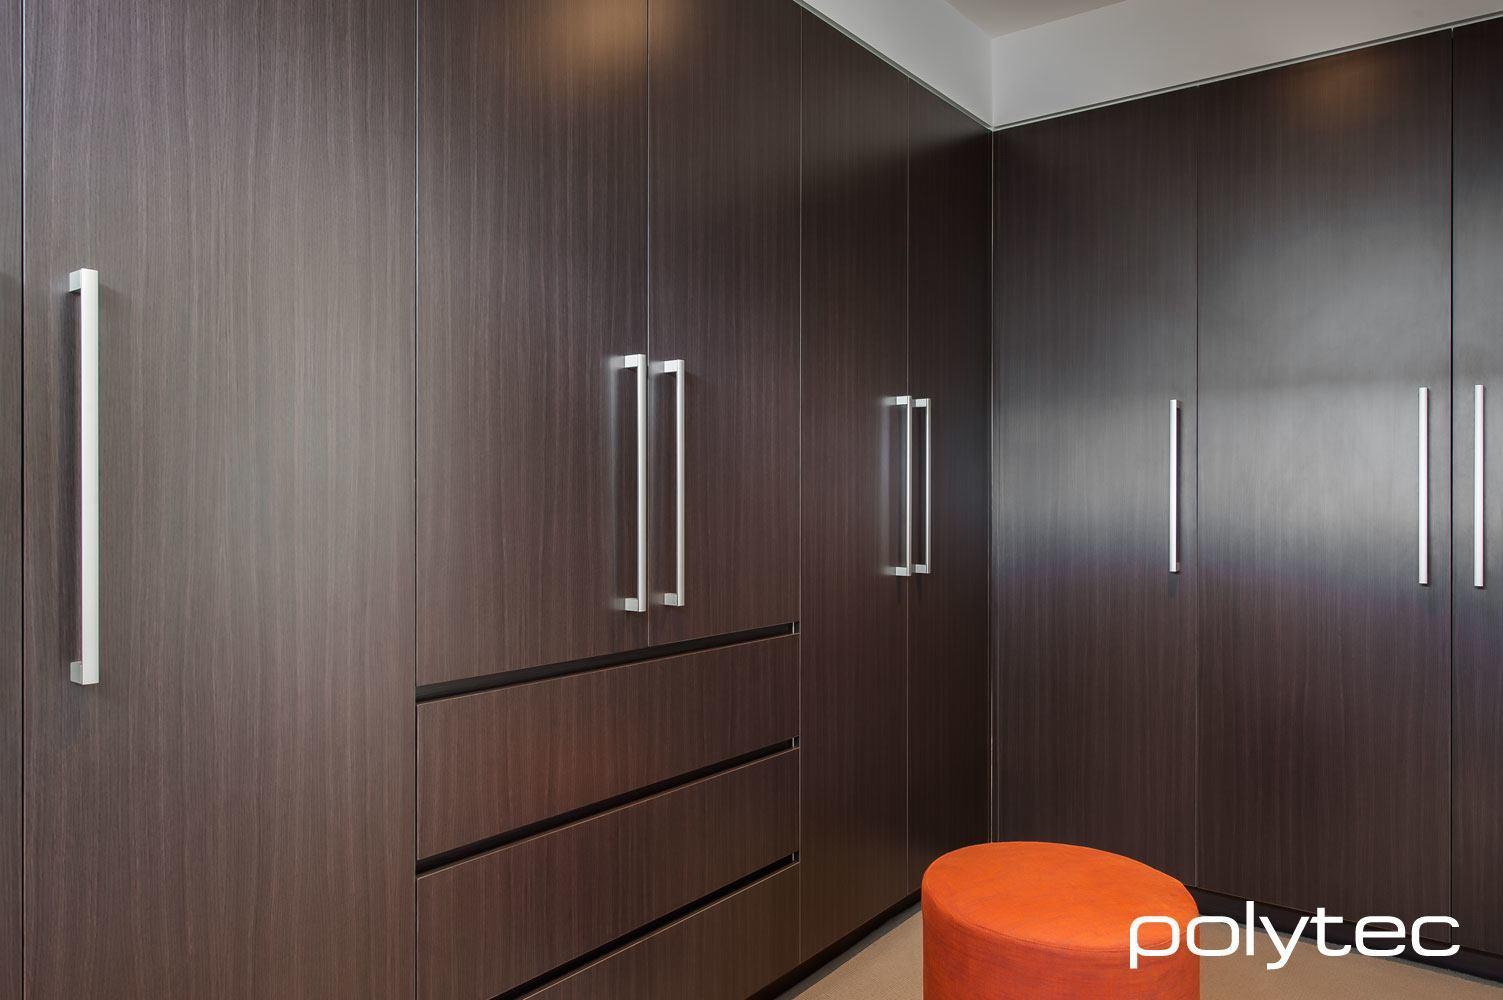 polytec-melamine-doors-14-1.jpg